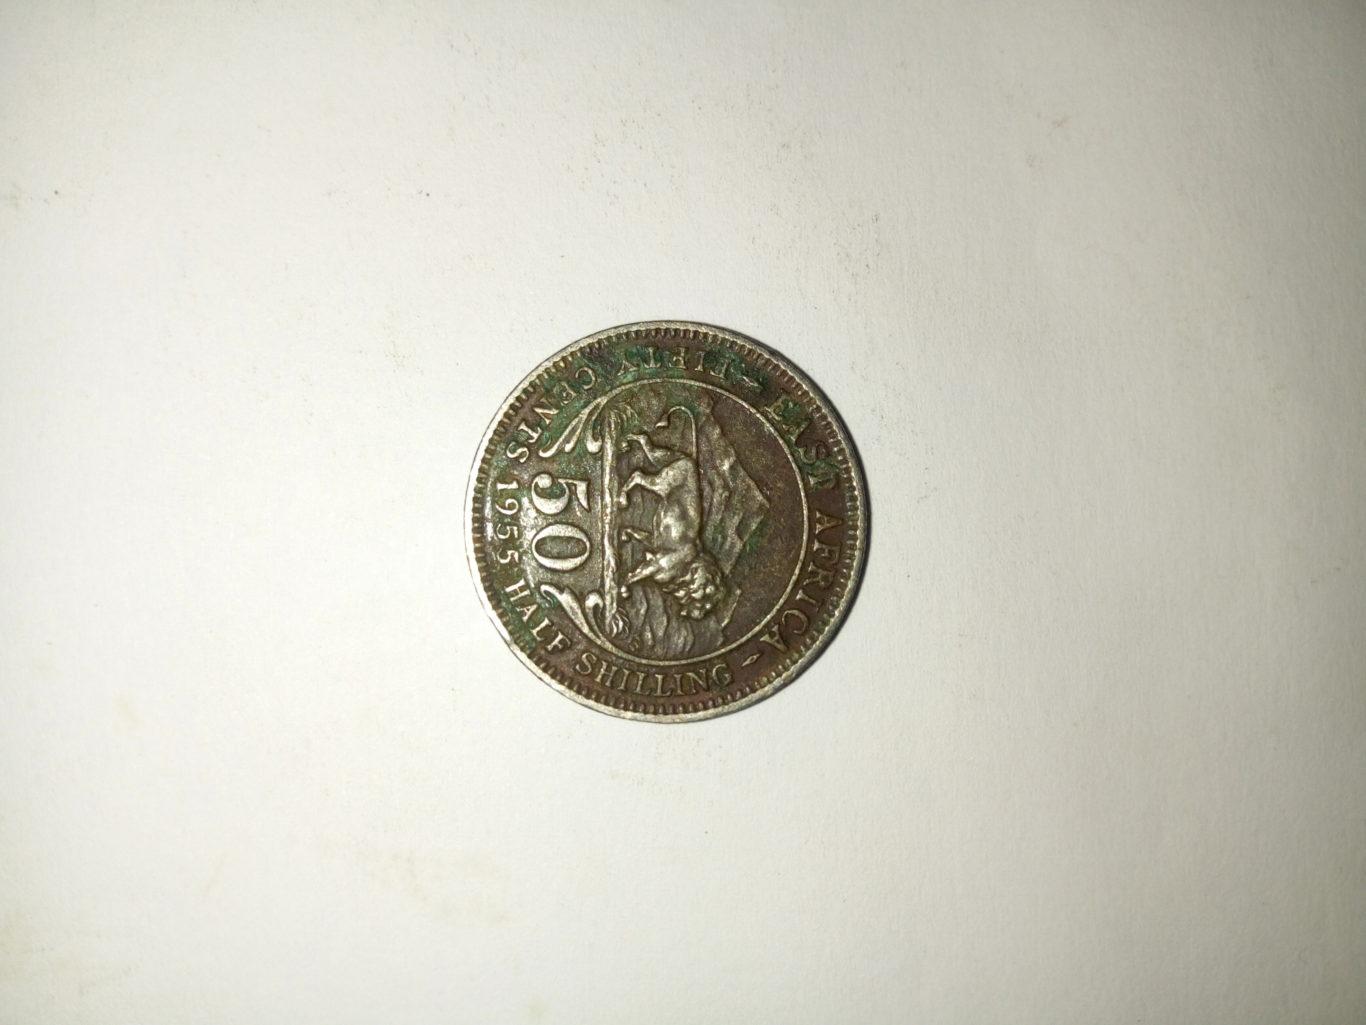 1955_ Queen Elizabeth the second 50 half shilling